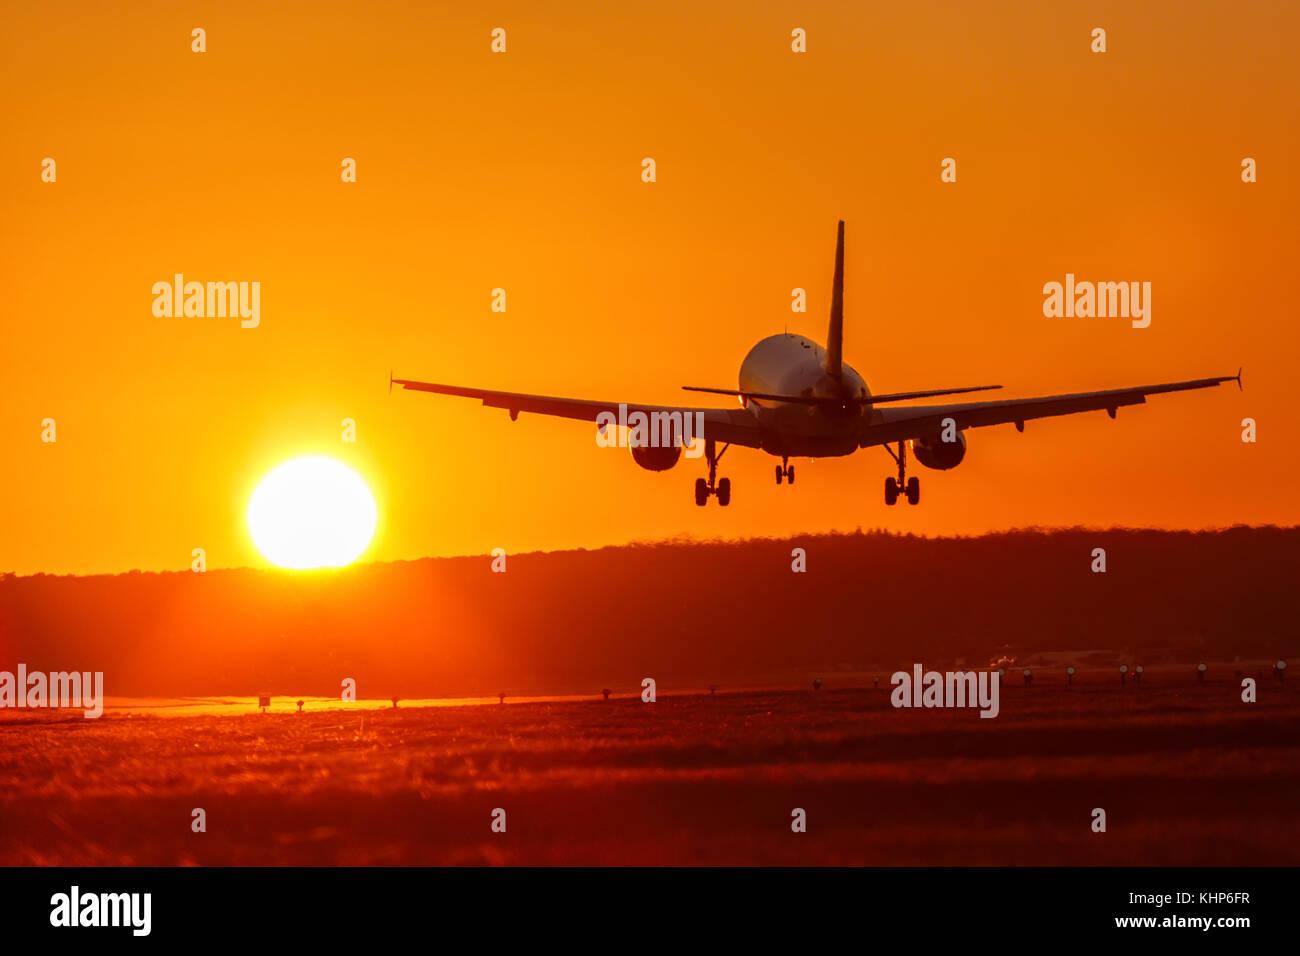 L'aviation de l'aéroport avion soleil coucher locations de vacances billet d'avion voyage avion Photo Stock